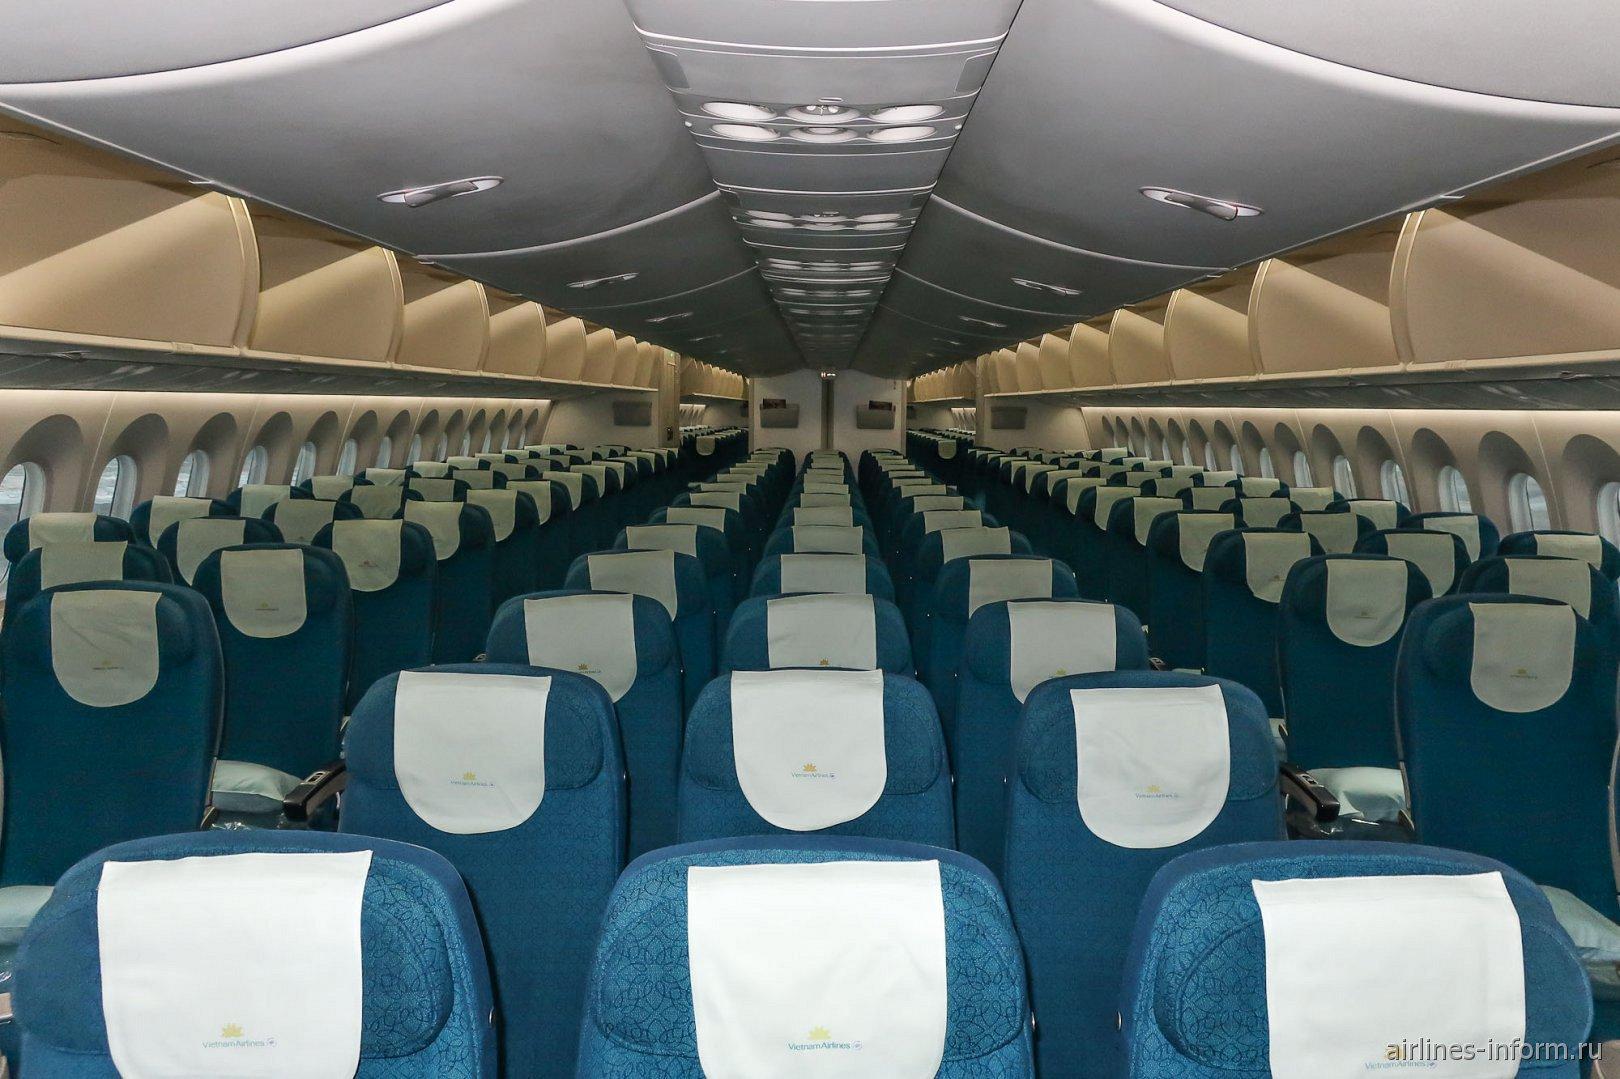 Пассажирский салон экономического класса в Боинге-787-9 Вьетнамских авиалиний